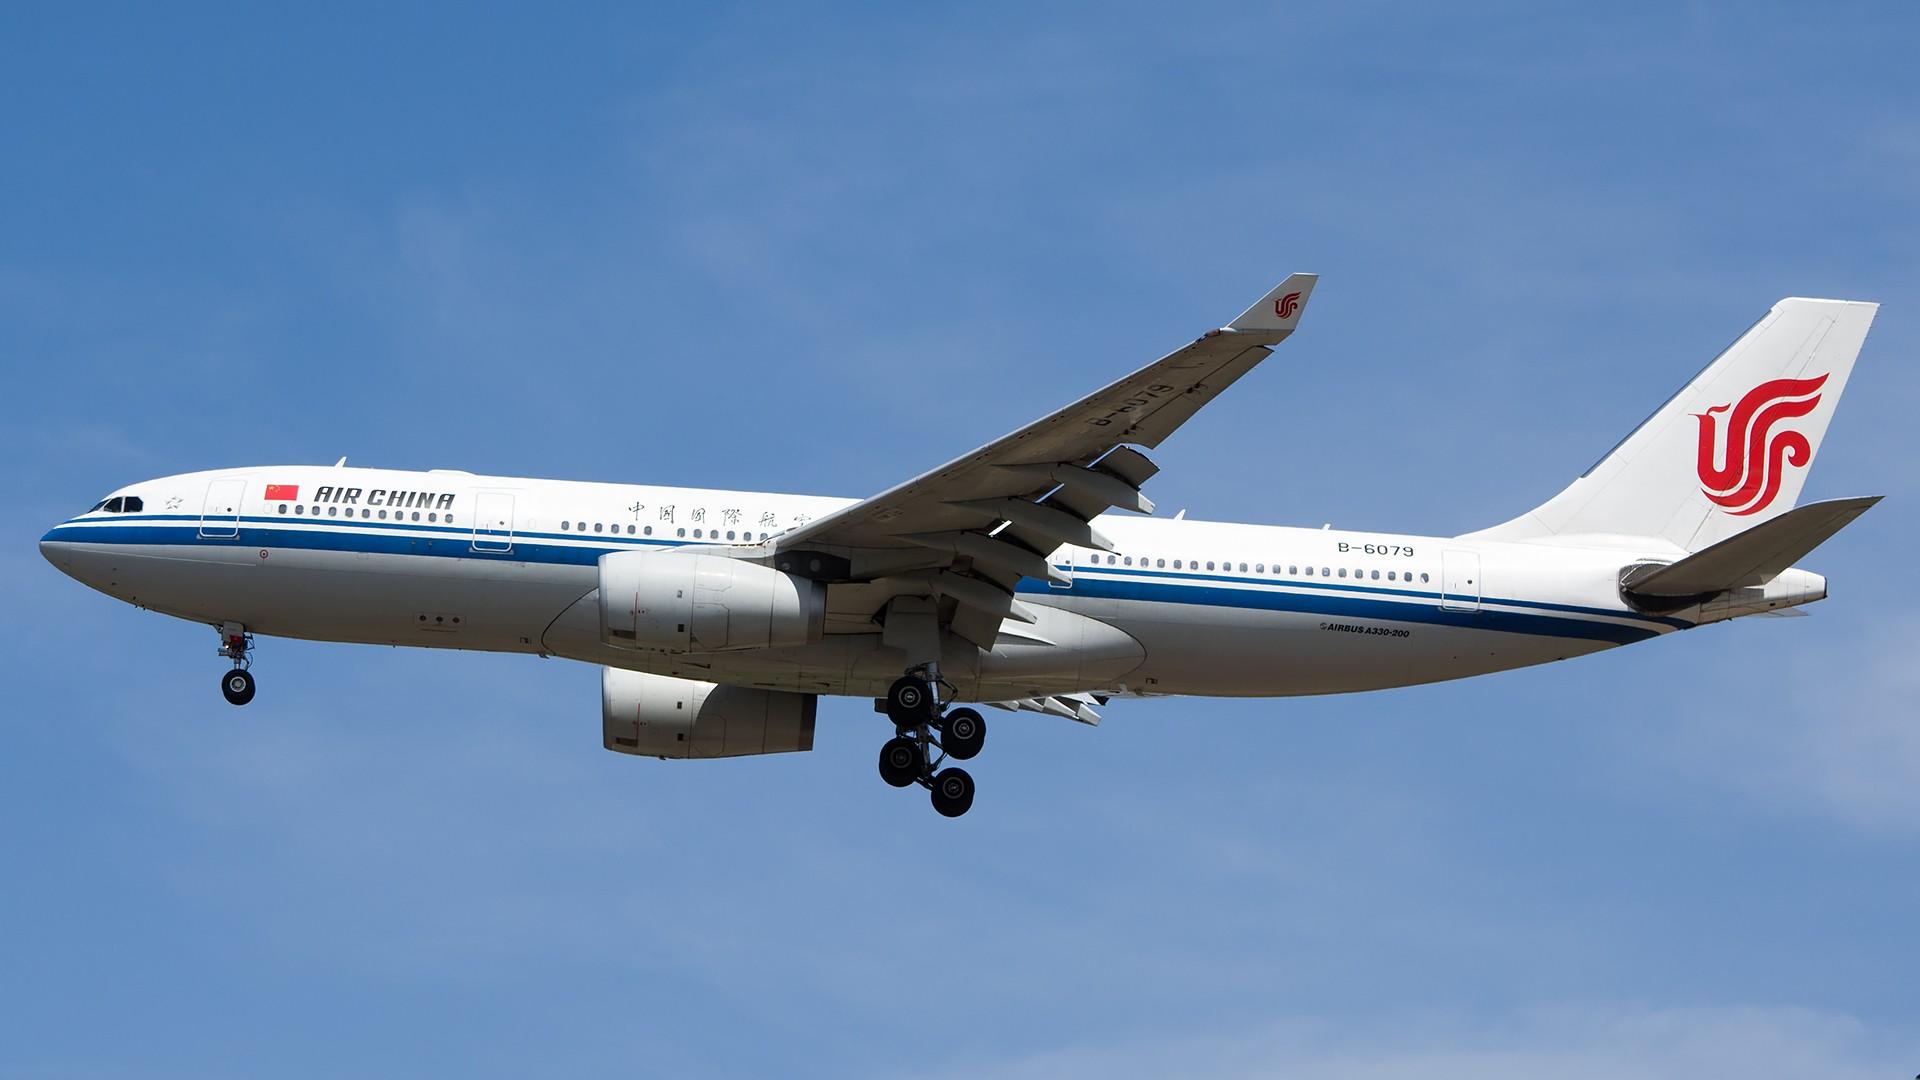 Re:[原创]PEK01午后两小时抓拍,其实是为AA的One World来的 AIRBUS A330-200 B-6079 中国北京首都国际机场